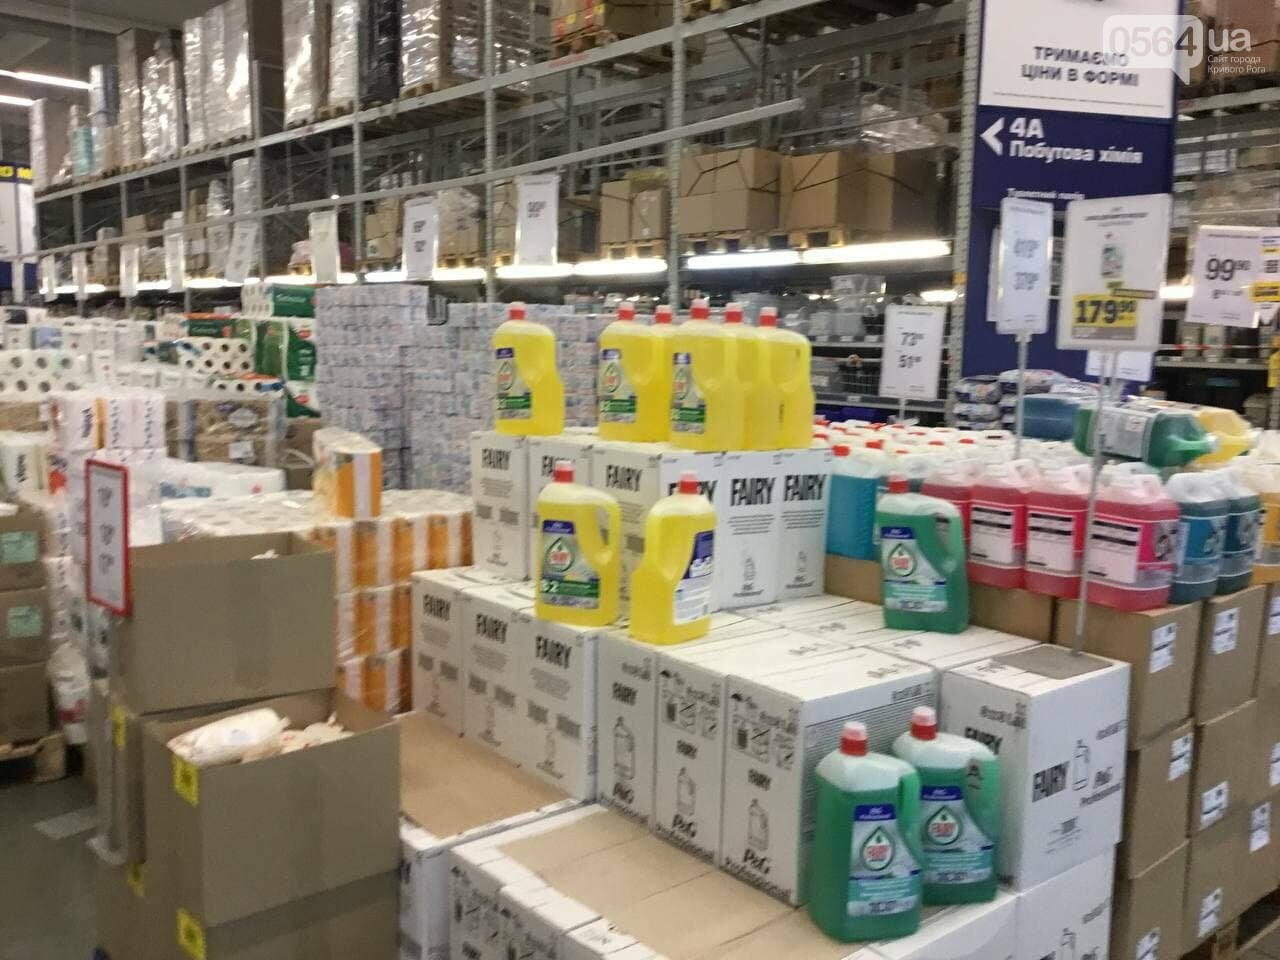 Как в Кривом Роге работают гипермаркеты в период локдауна, - ФОТО, фото-16